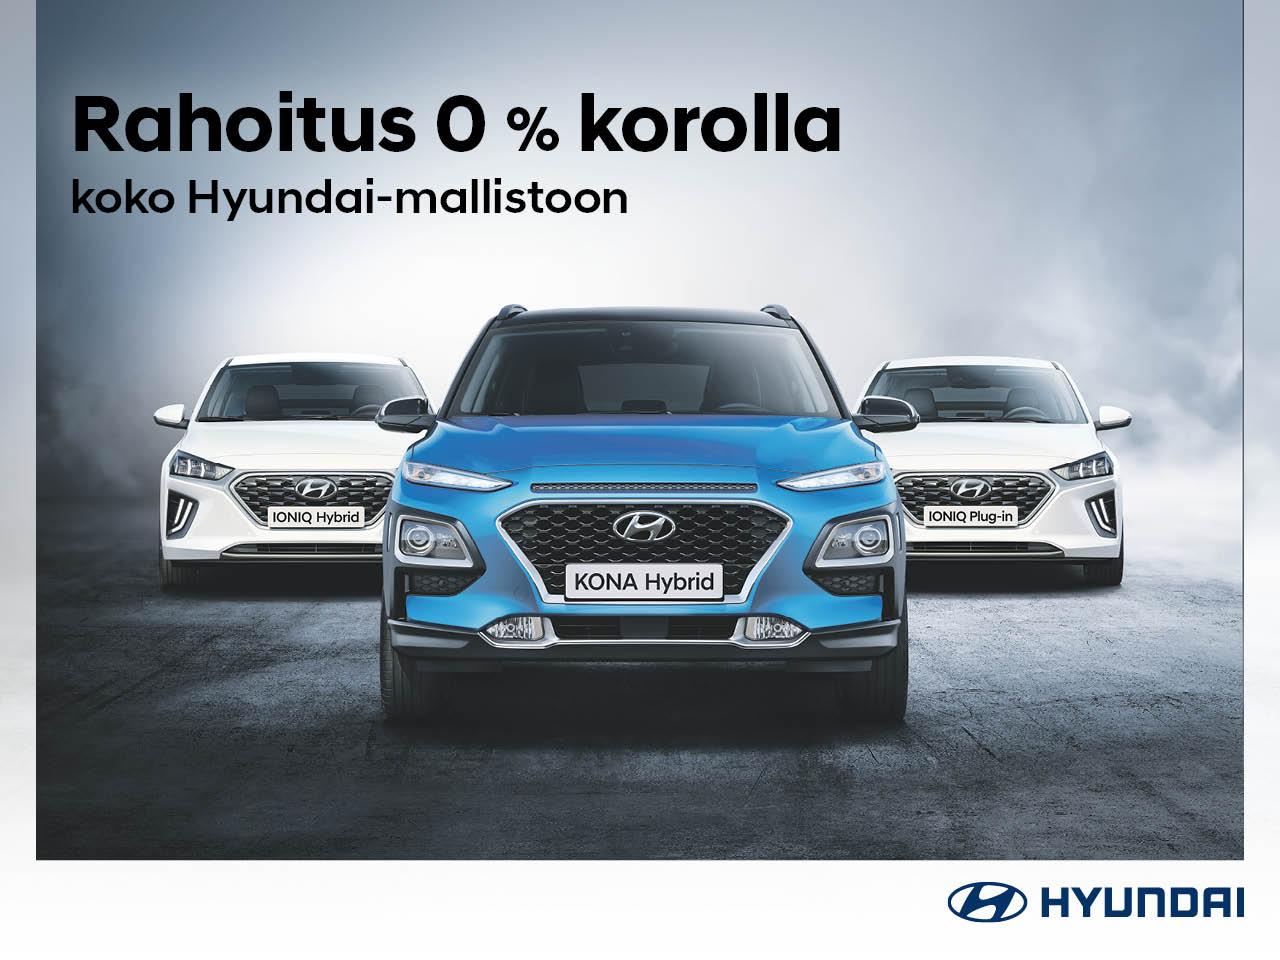 Rahoitus 0 % korolla koko Hyundai-mallistoon